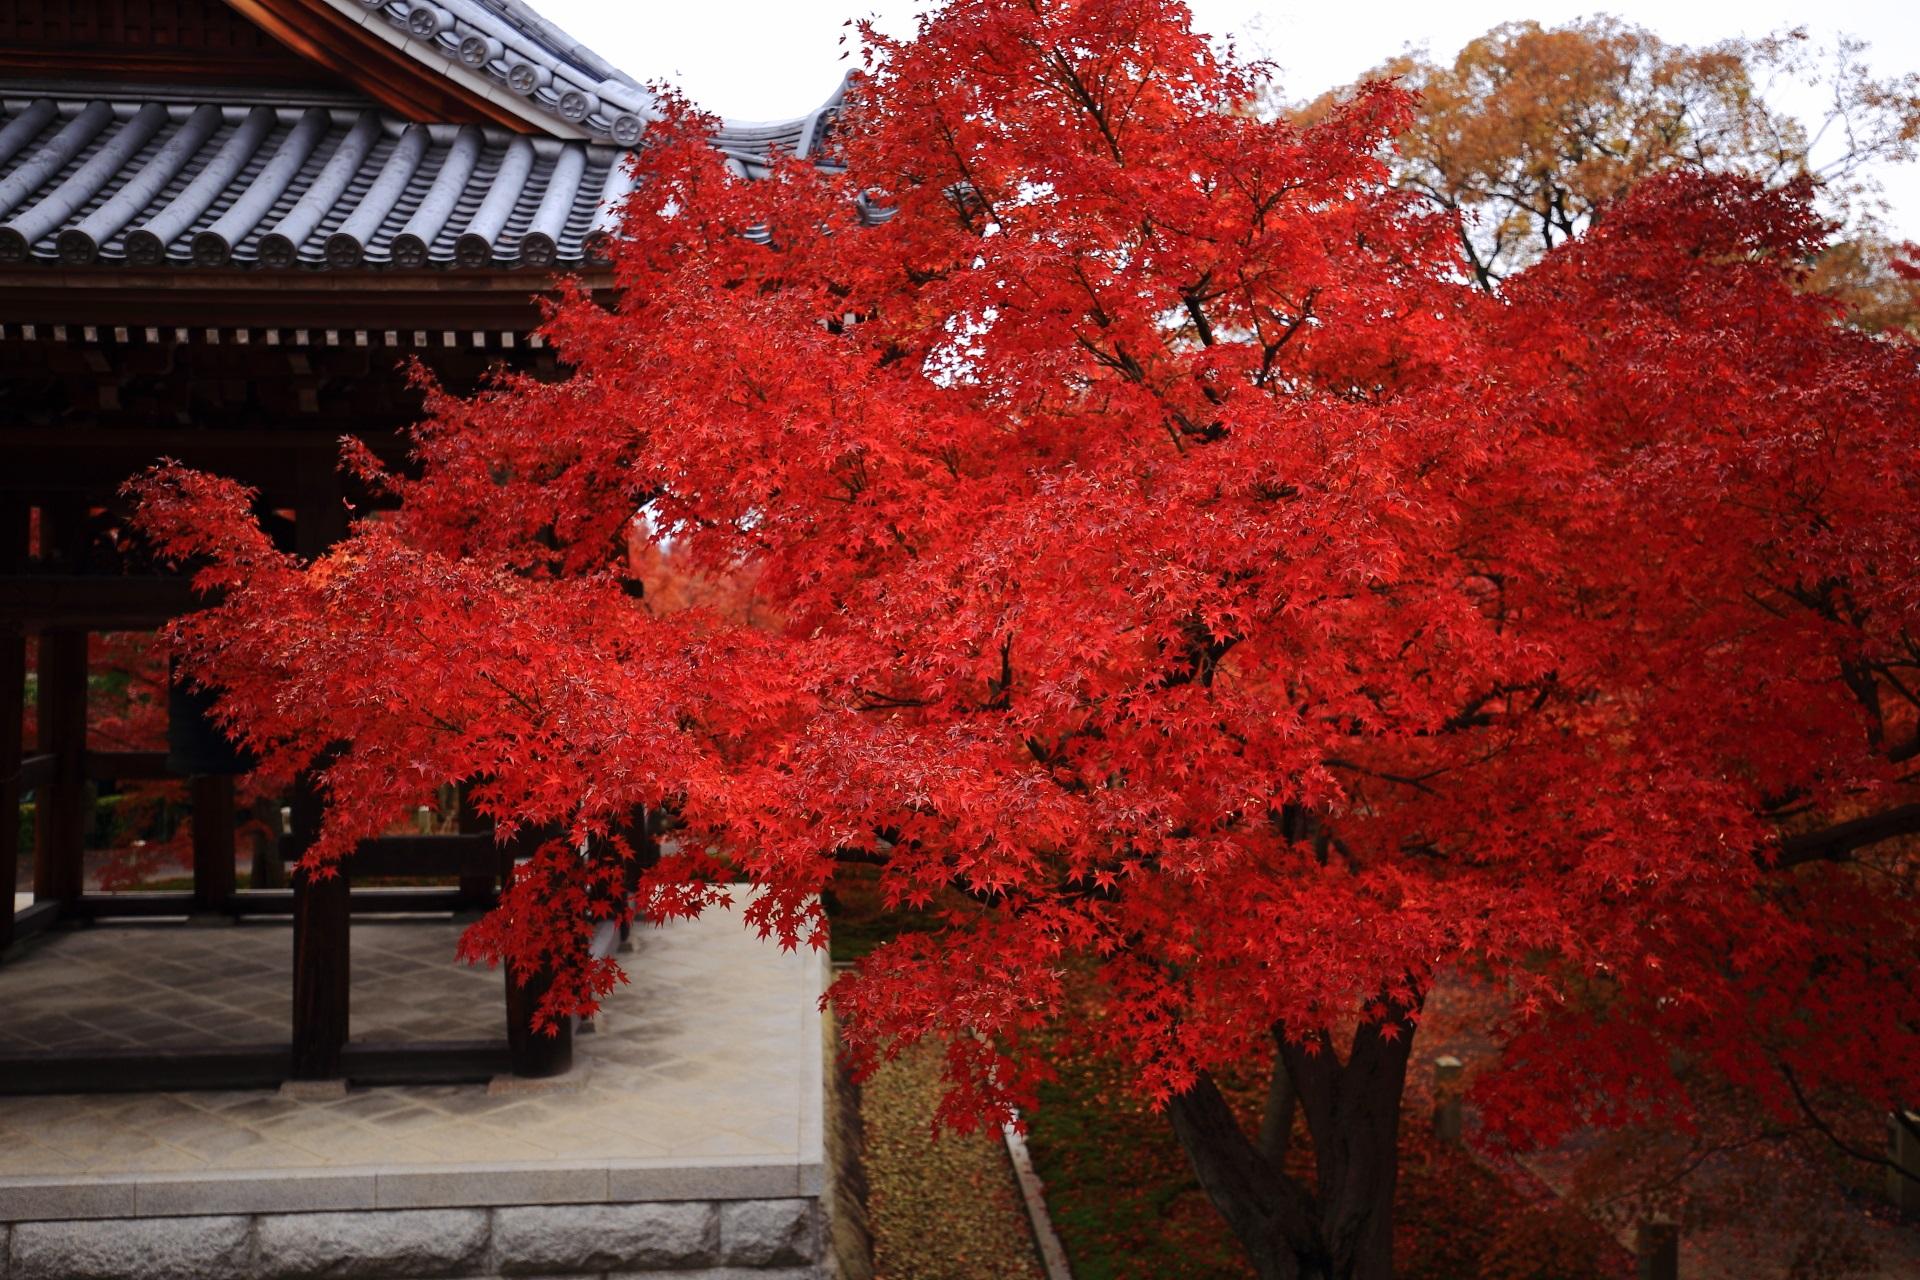 これ以上ない色づきの真っ赤な紅葉と智積院の鐘楼